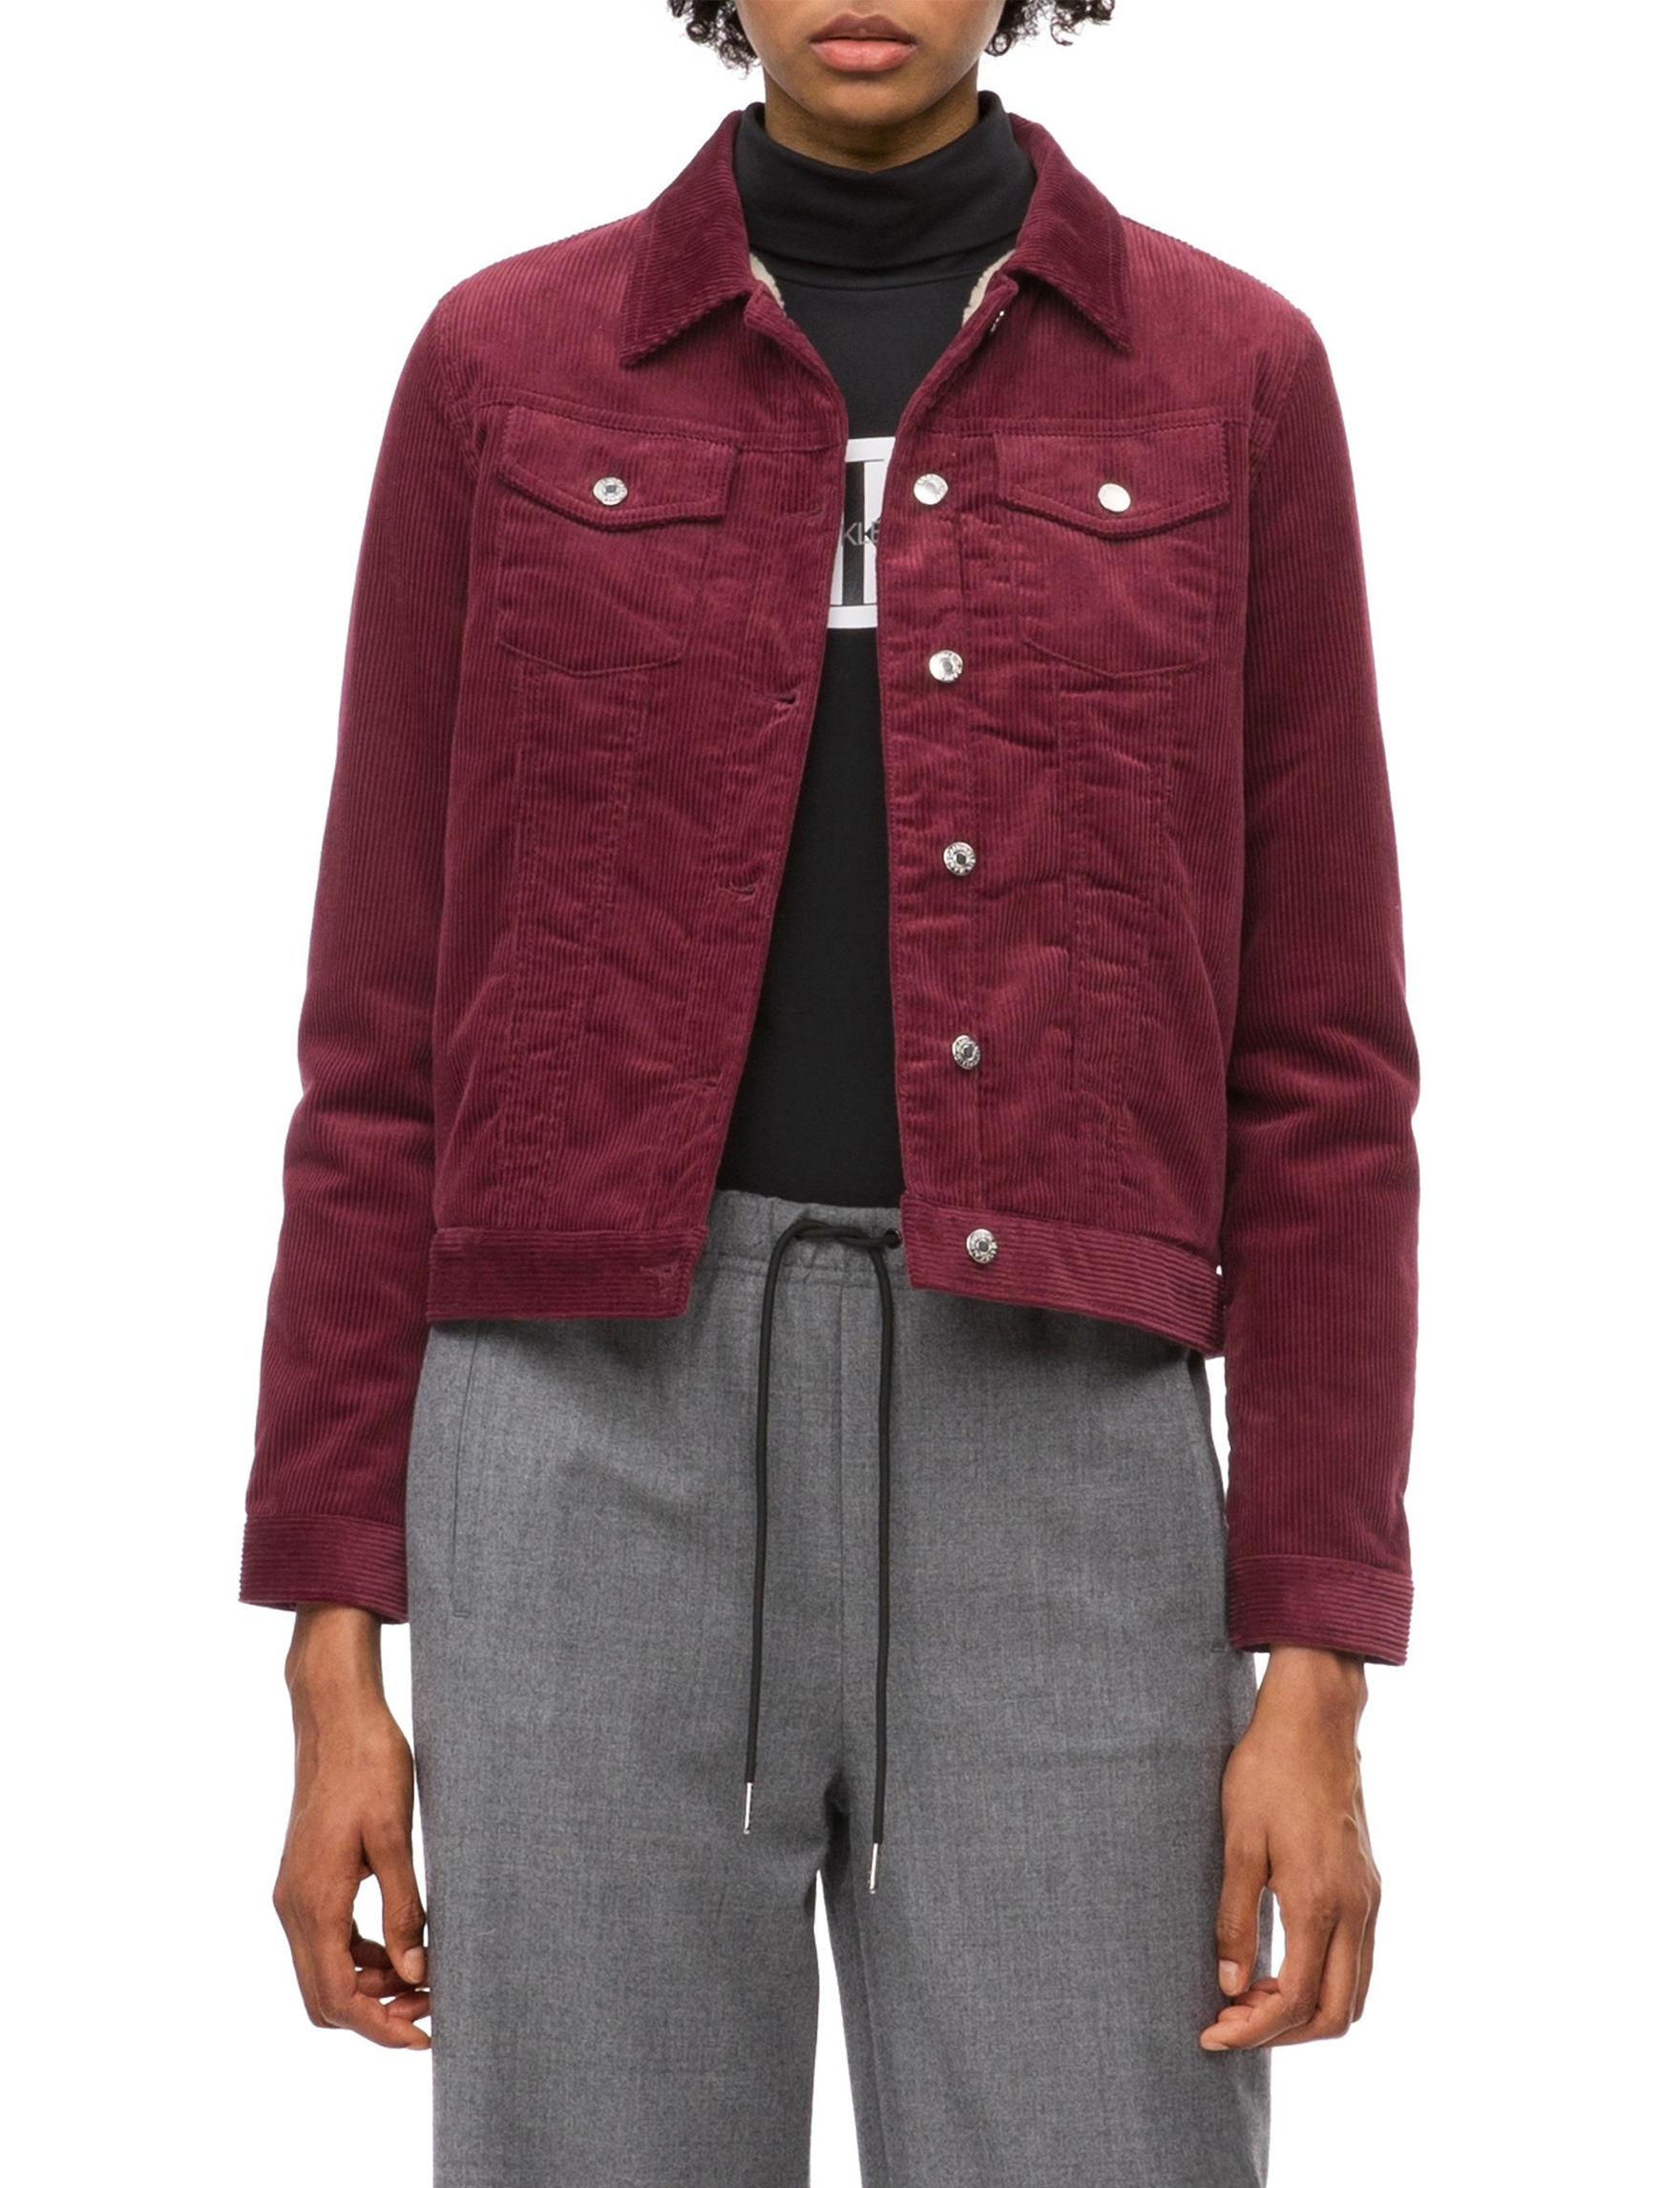 Calvin Klein Jeans Burgundy Lightweight Jackets & Blazers